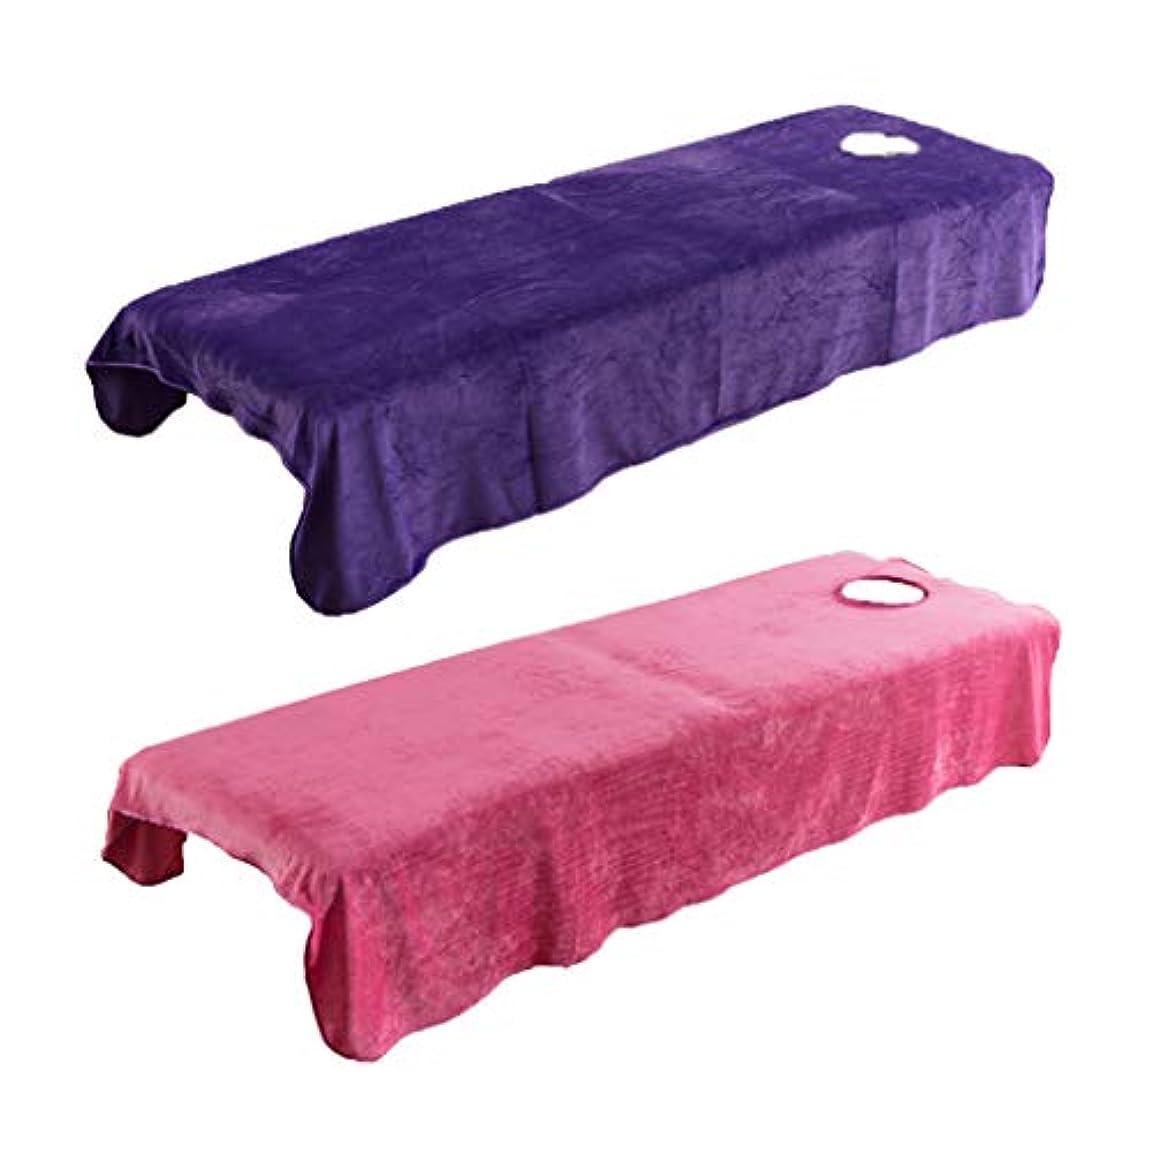 アリス警察署運動2枚 スパ マッサージベッドカバー 有孔 美容ベッドカバー マッサージ台シーツカバー 快適 通気性